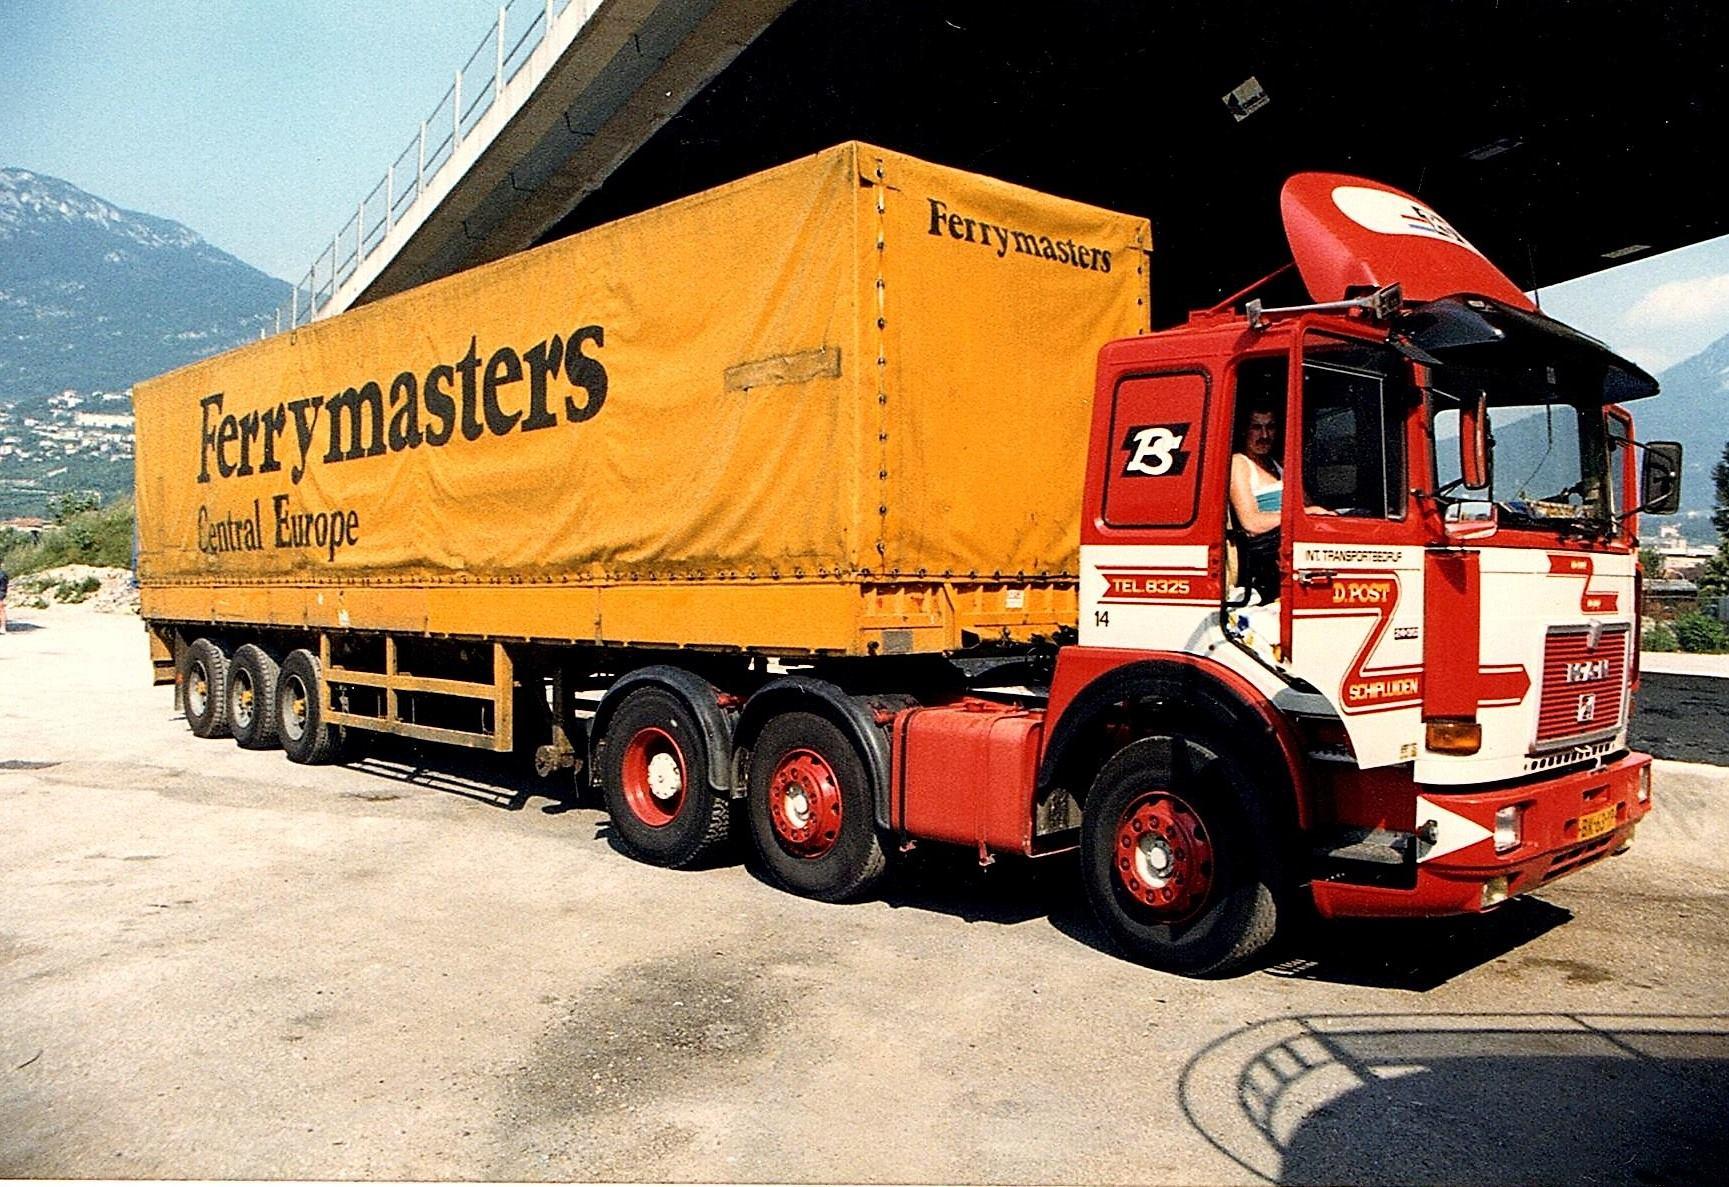 Wachten-aan-de-Brenner